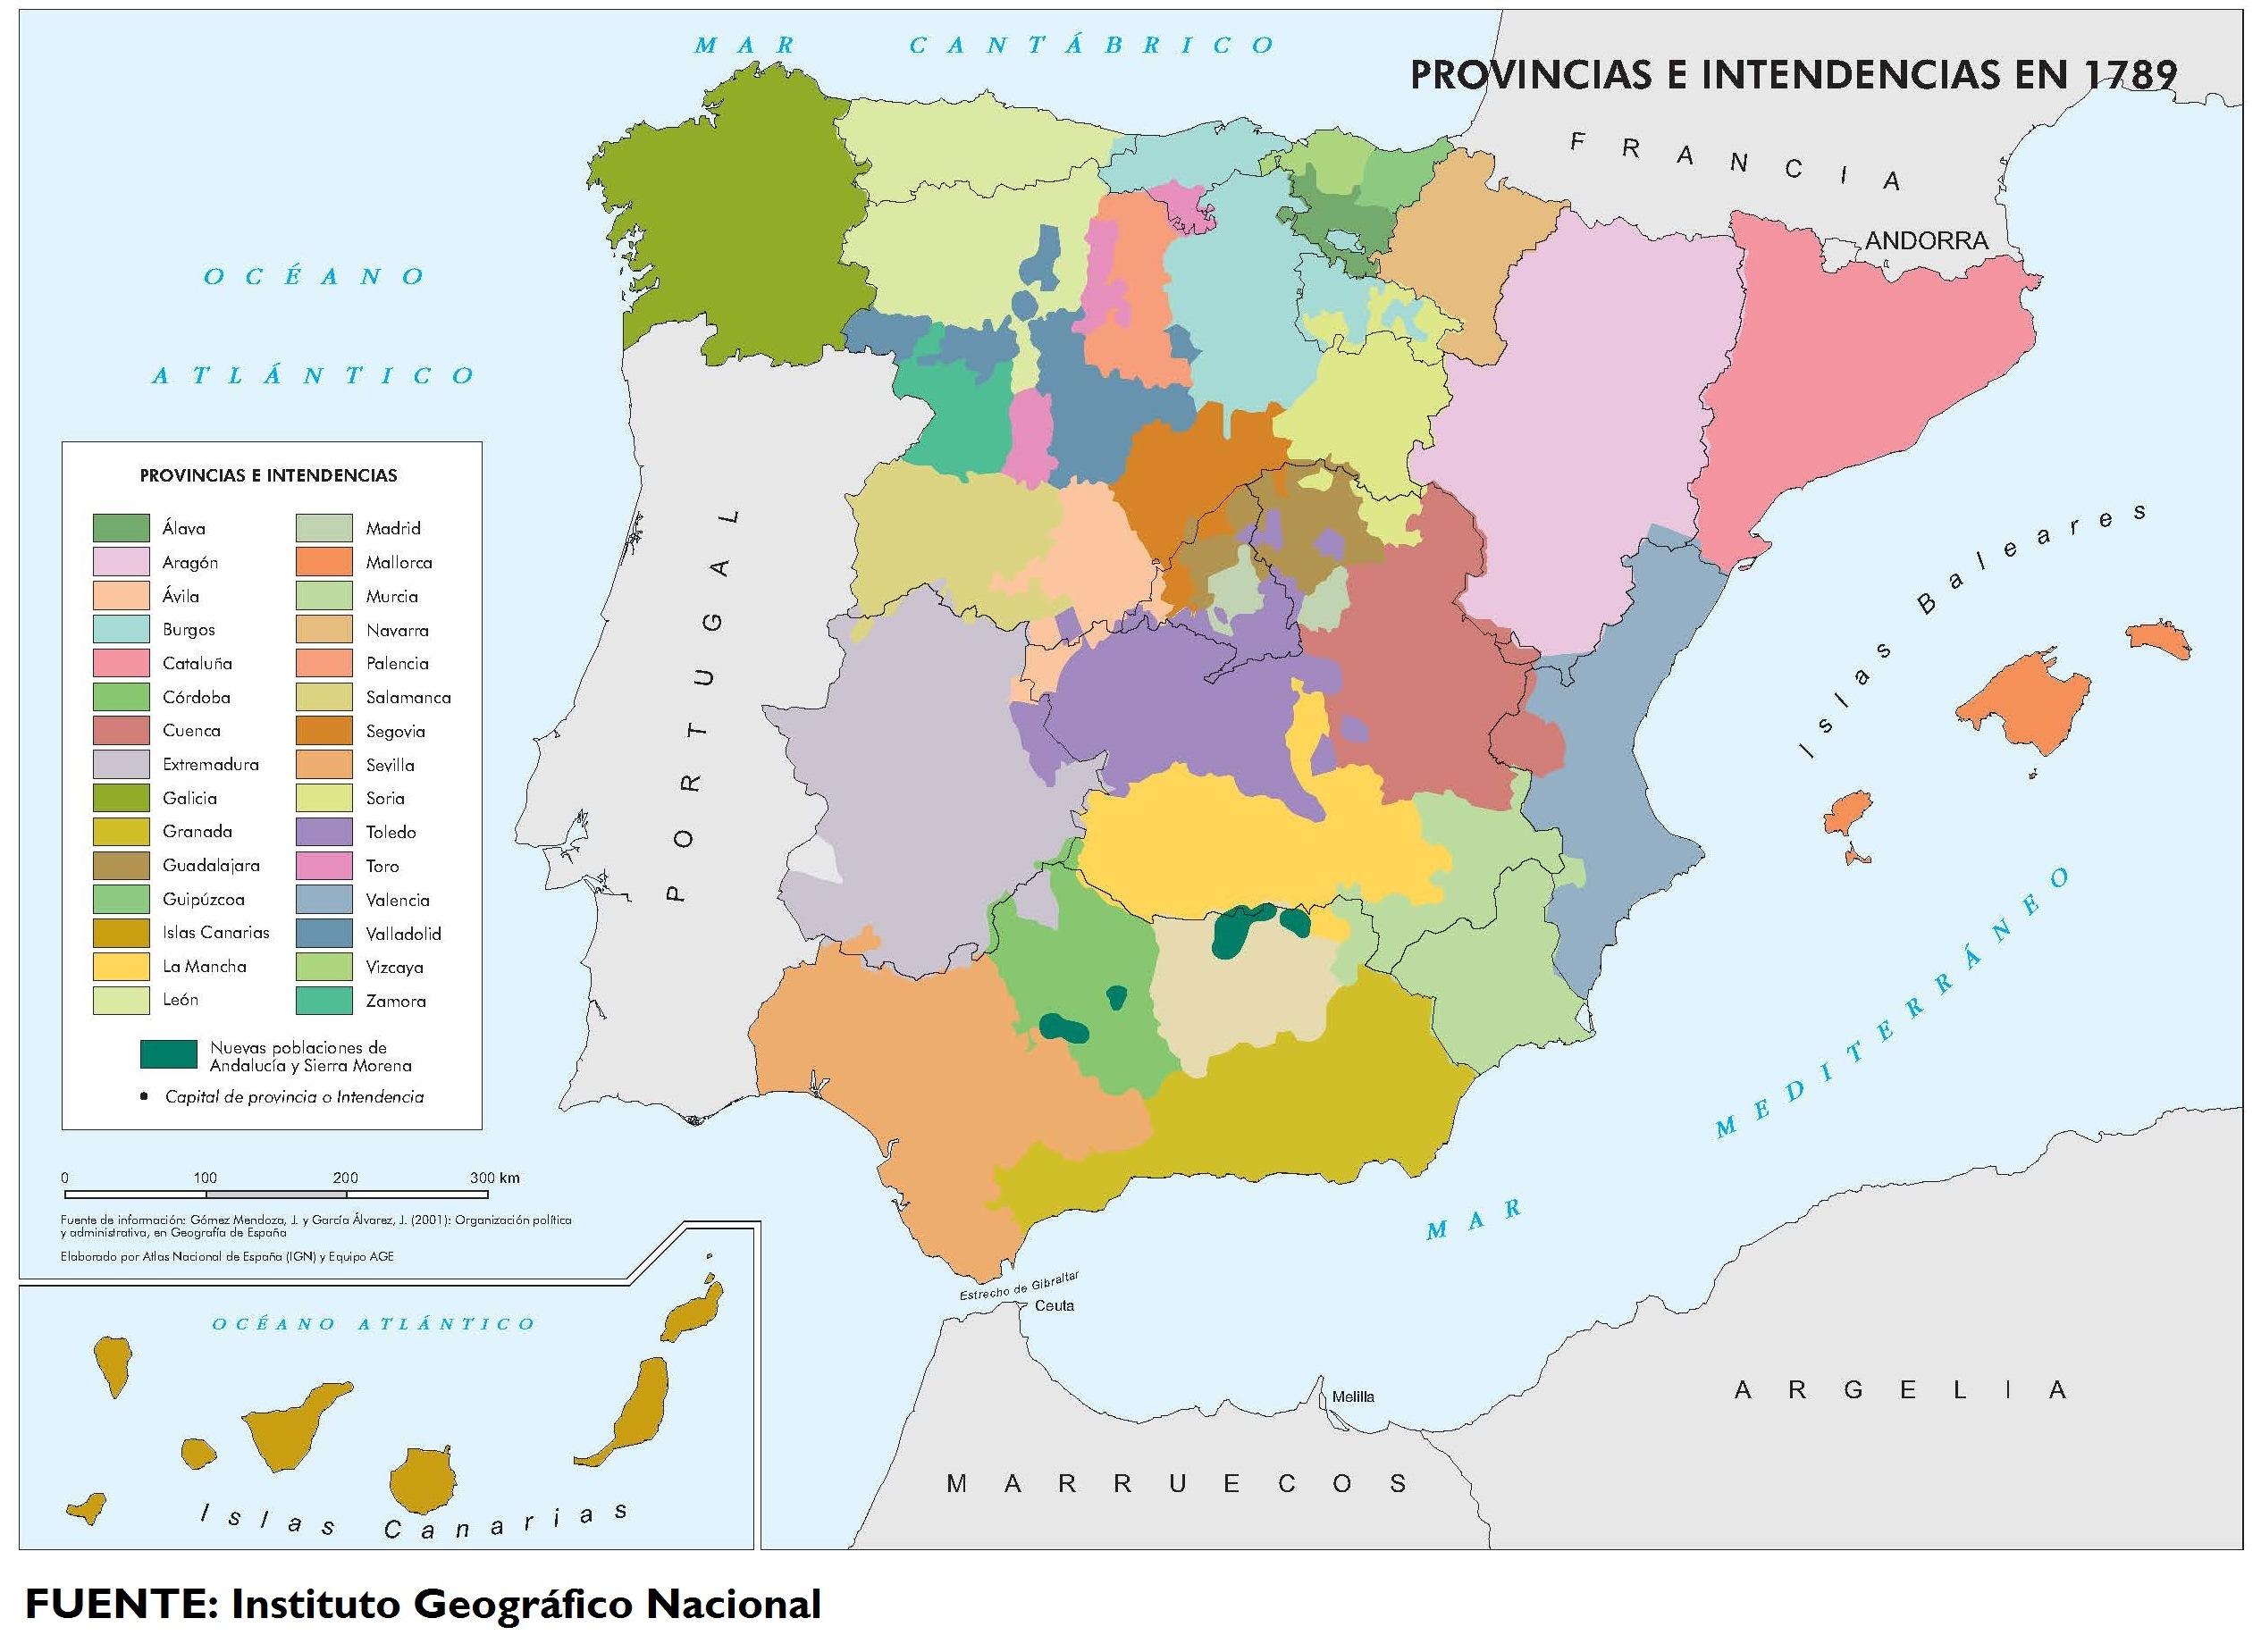 Provincias e intendencias de España en 1789